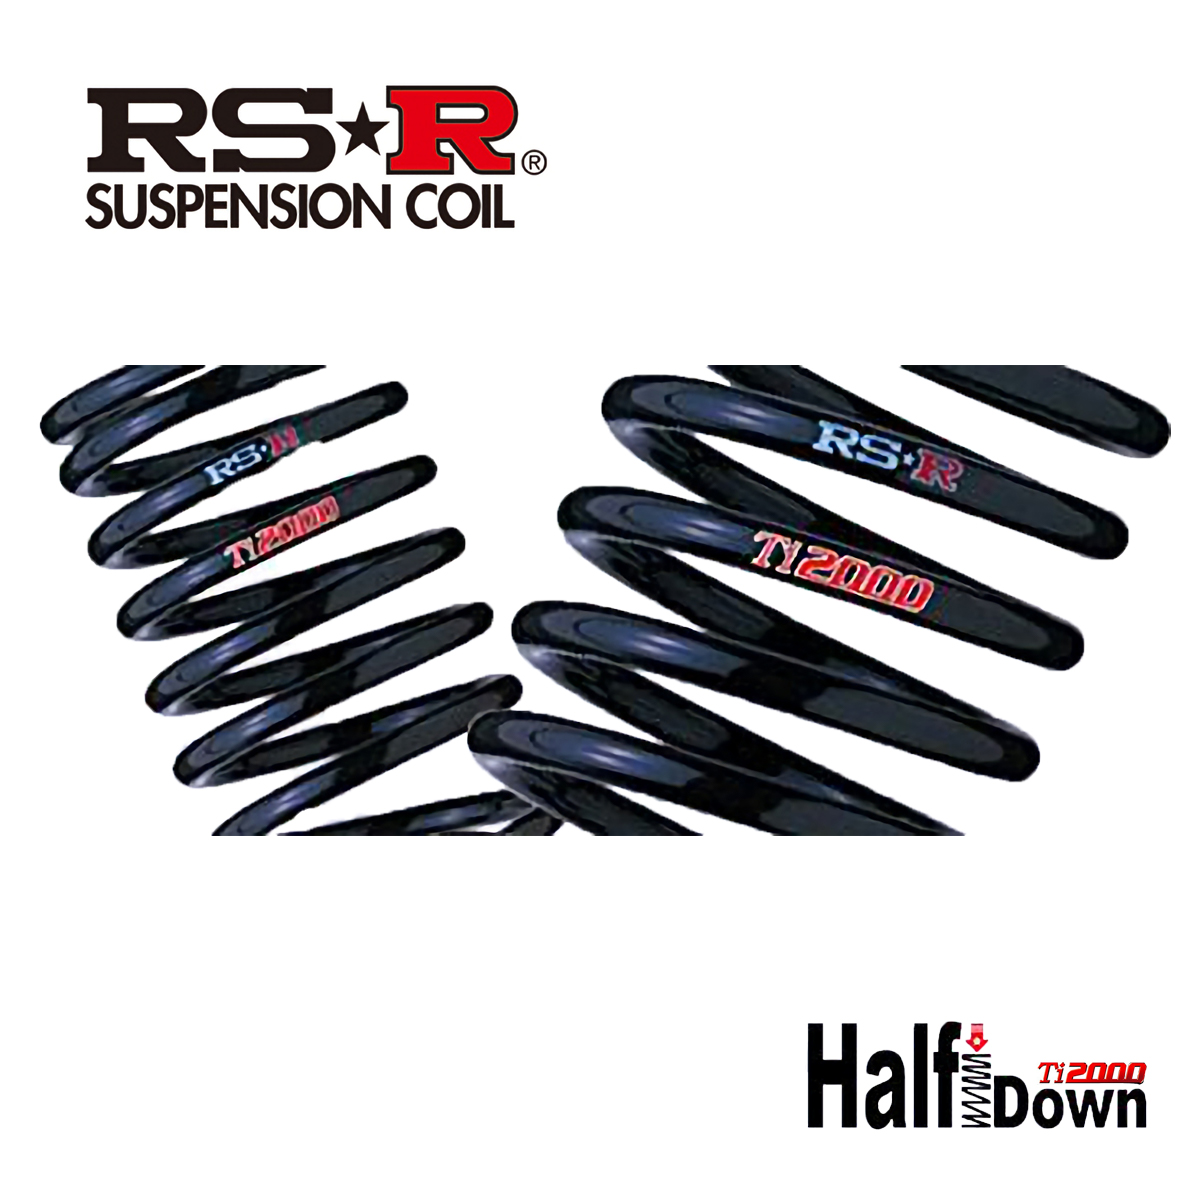 RS-R エブリィ エブリイ エブリー ワゴン DA17W PZターボ ダウンサス スプリング 1台分 S650THD Ti2000 ハーフダウン RSR 個人宅発送追金有